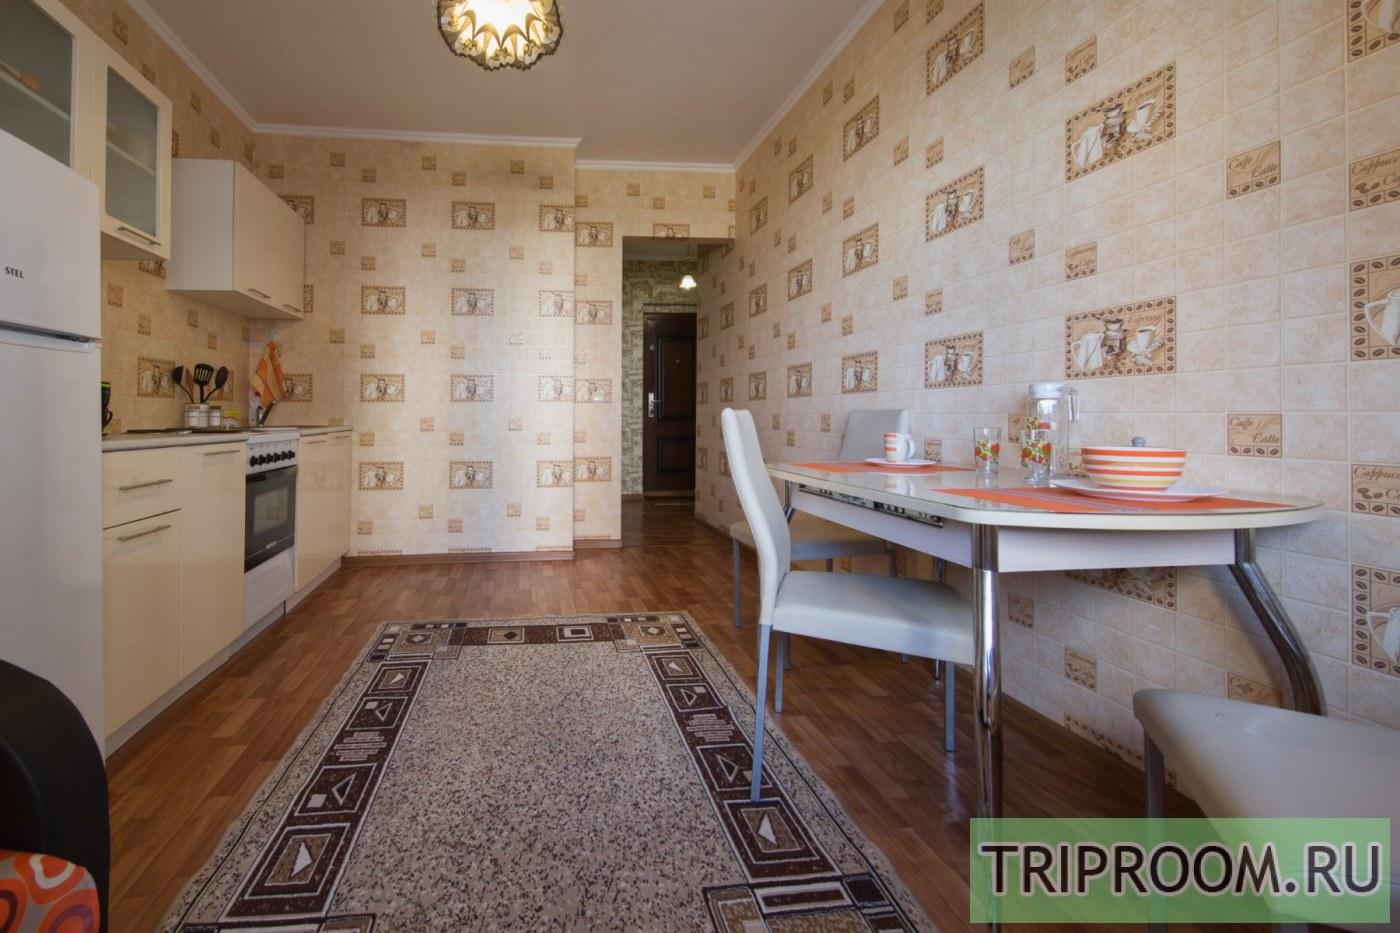 1-комнатная квартира посуточно (вариант № 38423), ул. генерала Шифрина, фото № 11